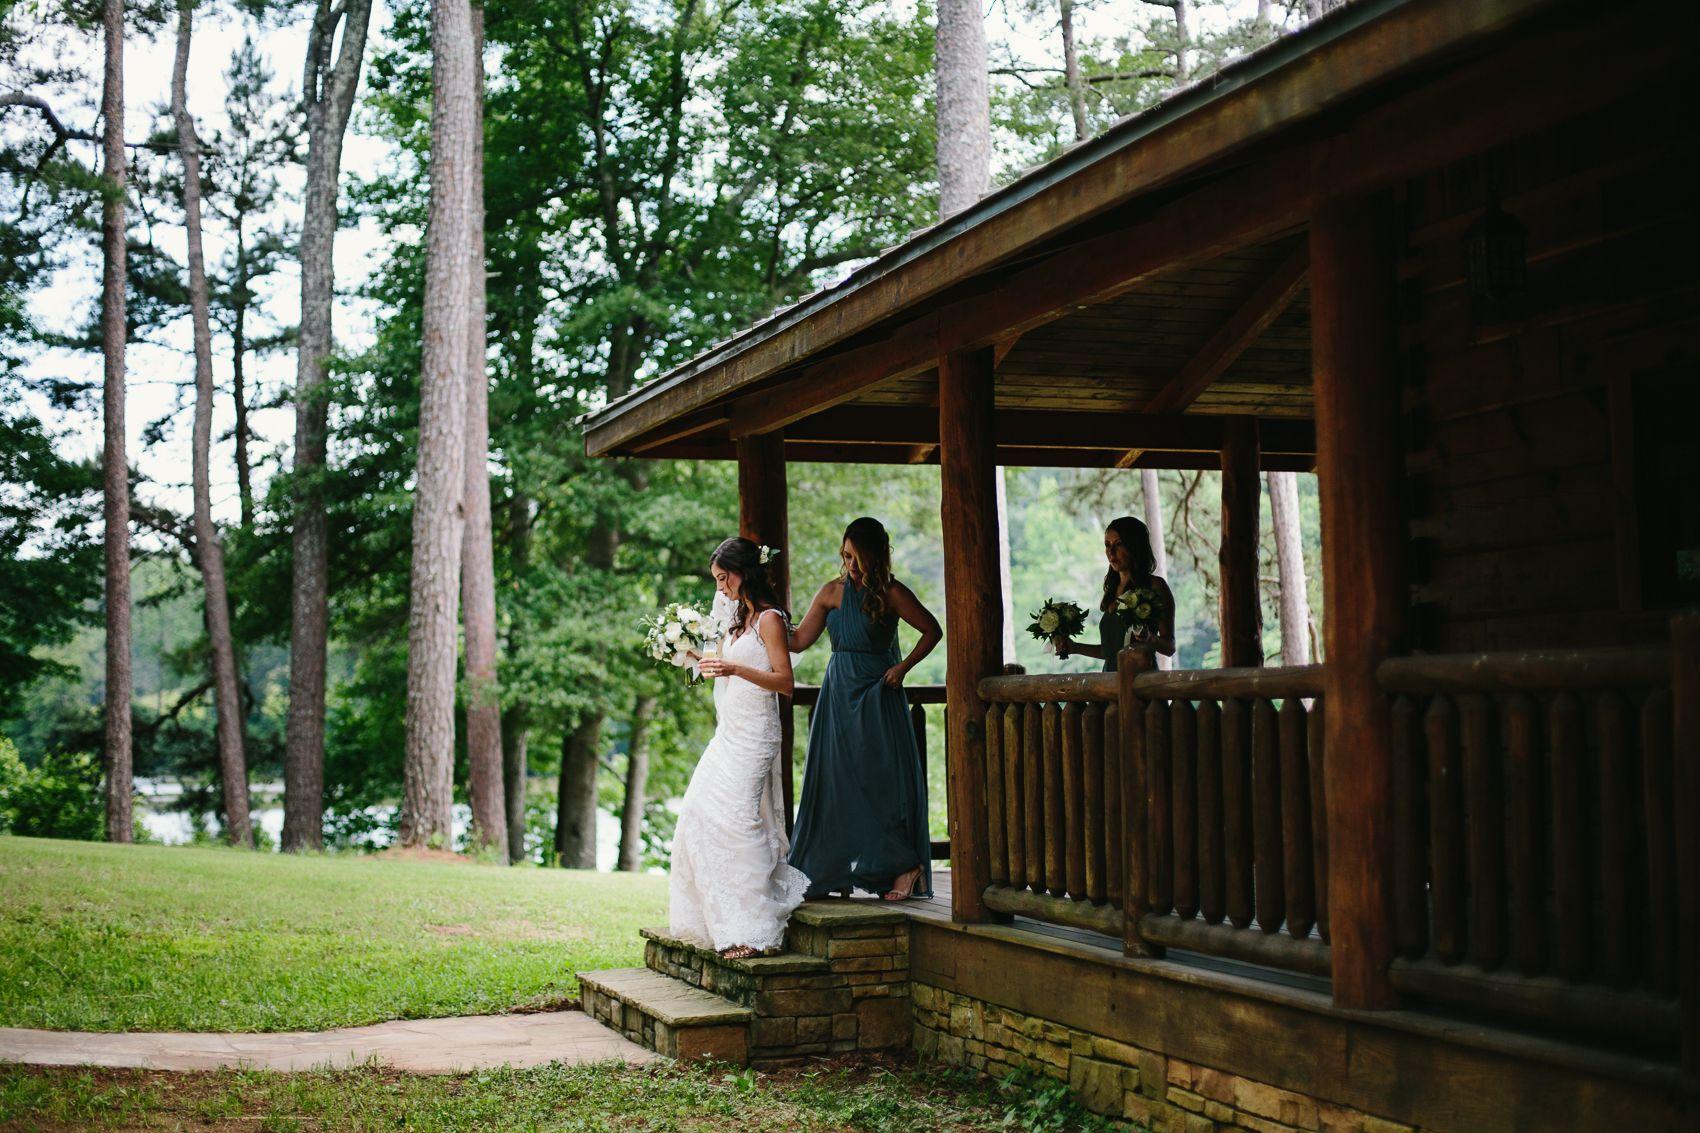 A Beautiful Farm Wedding in Georgia | Farm wedding photos ...